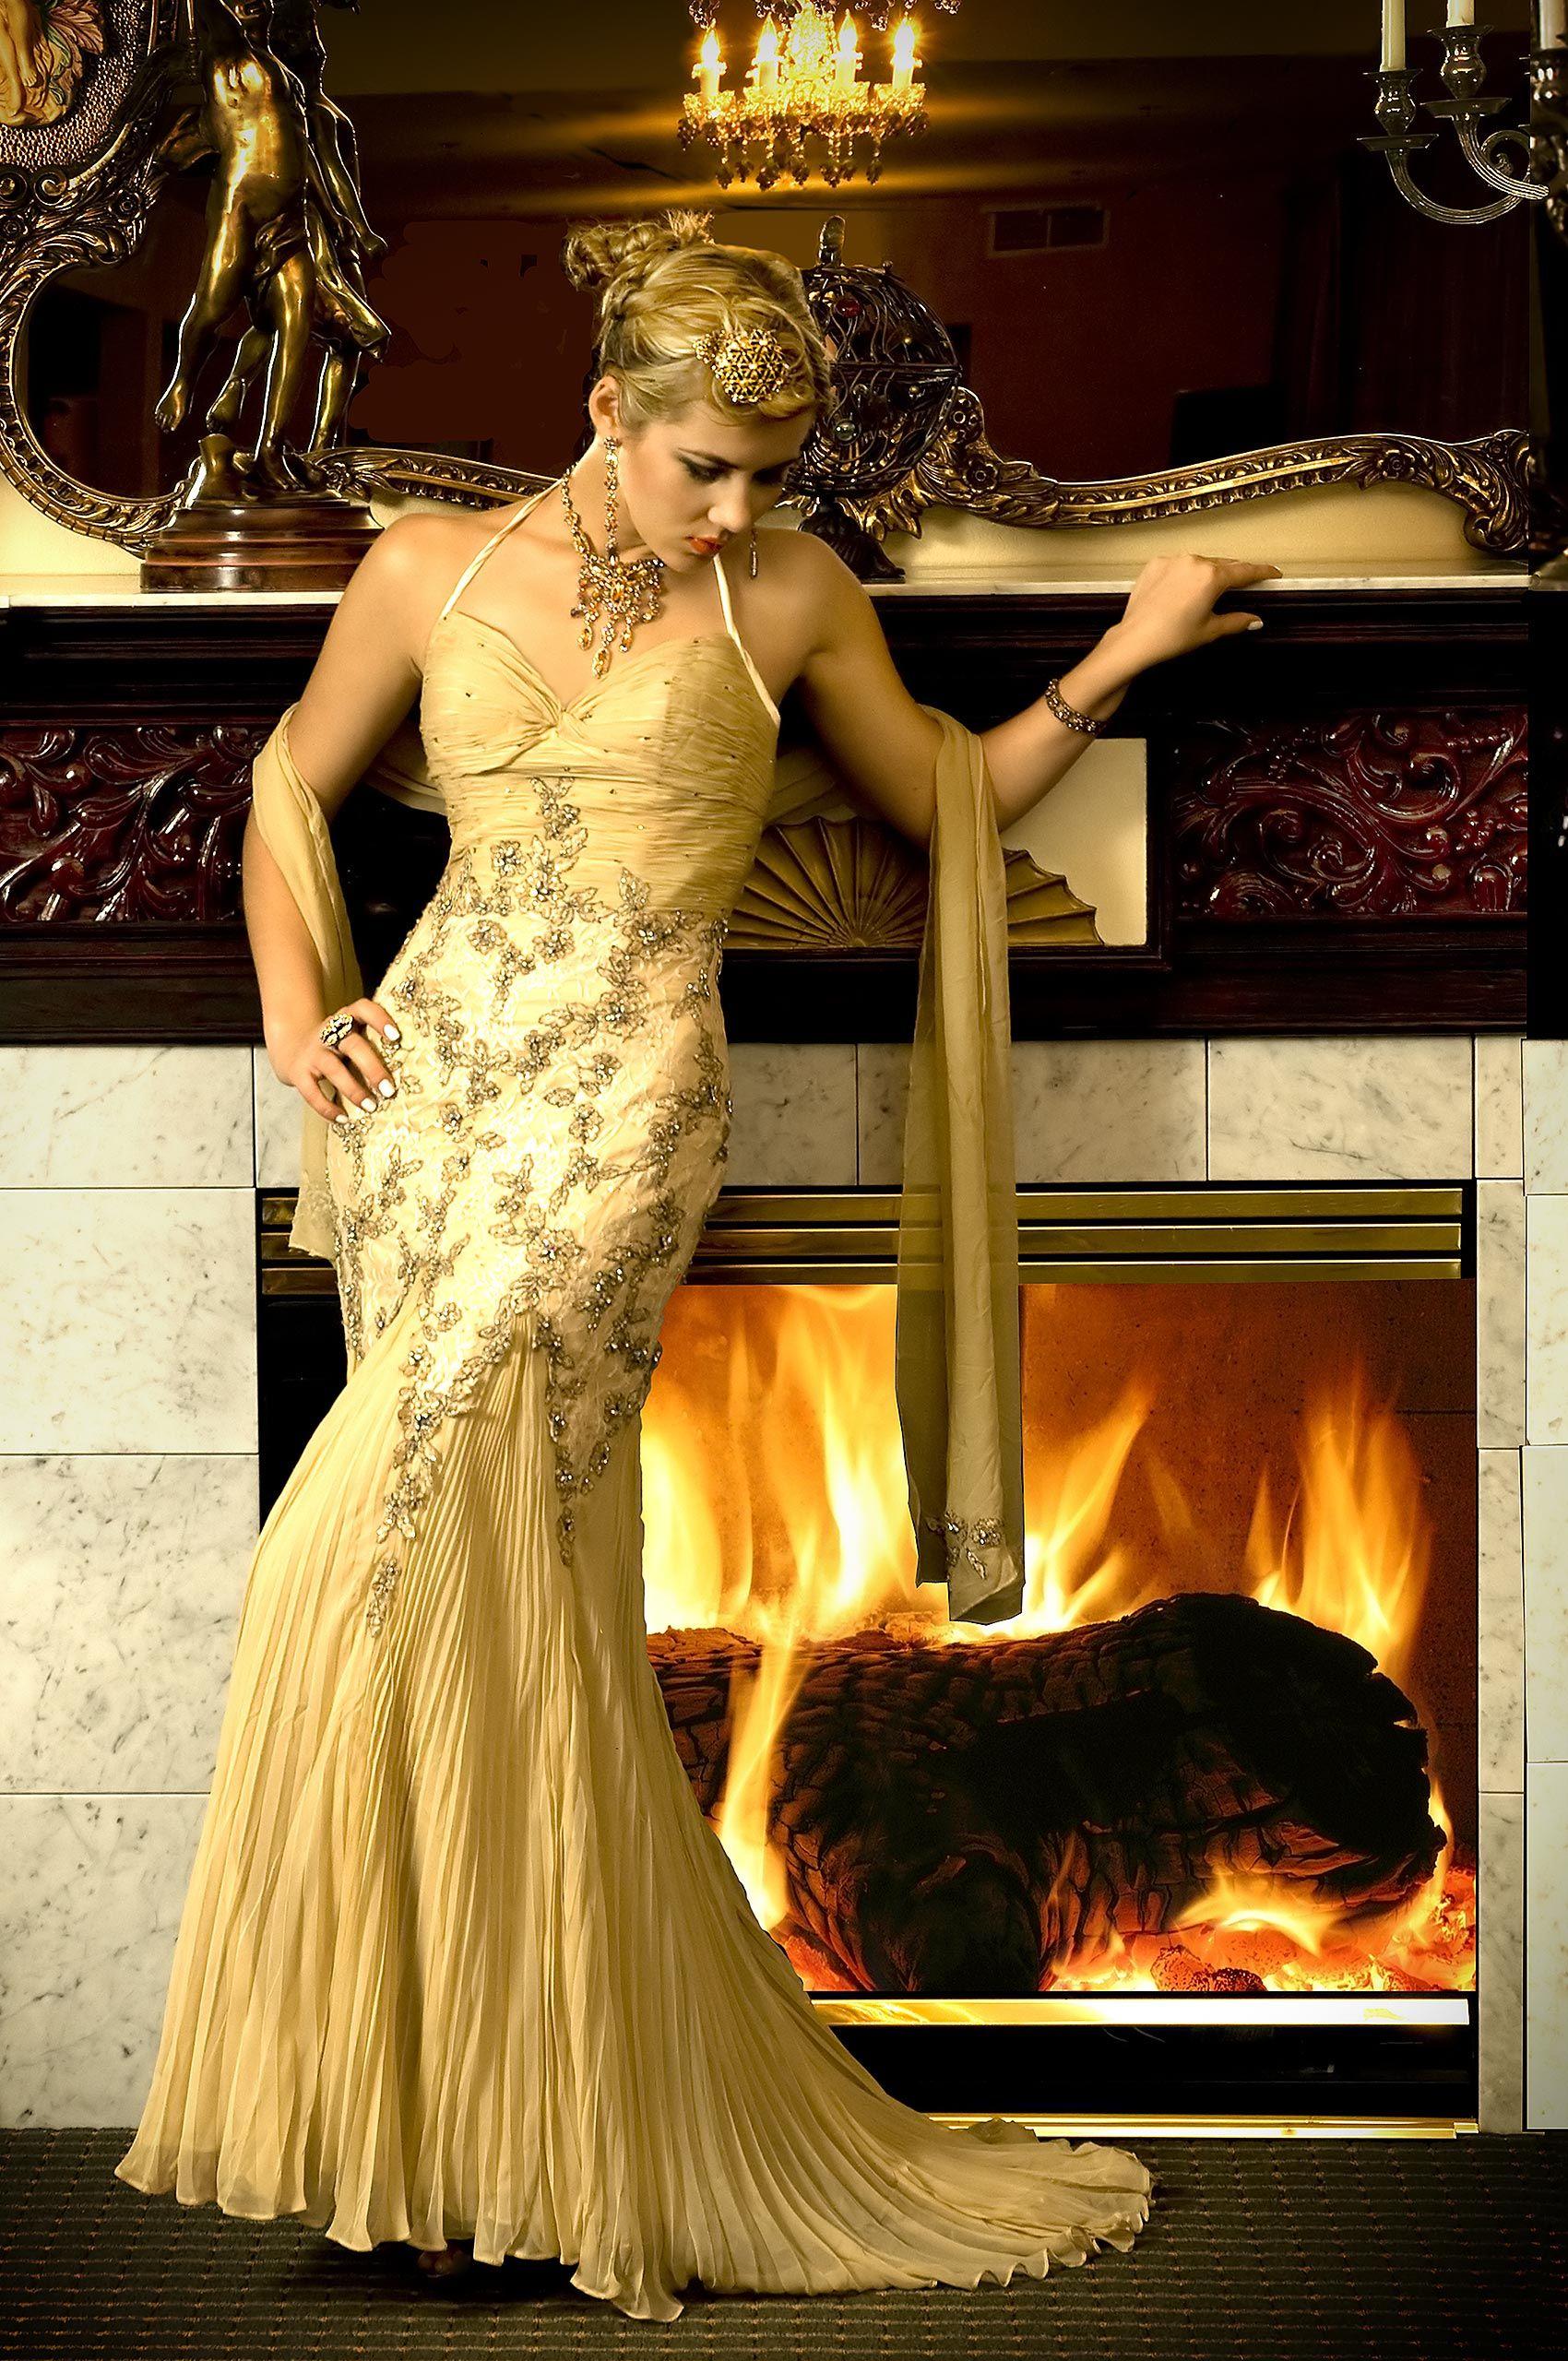 dasha_fireplace.jpg